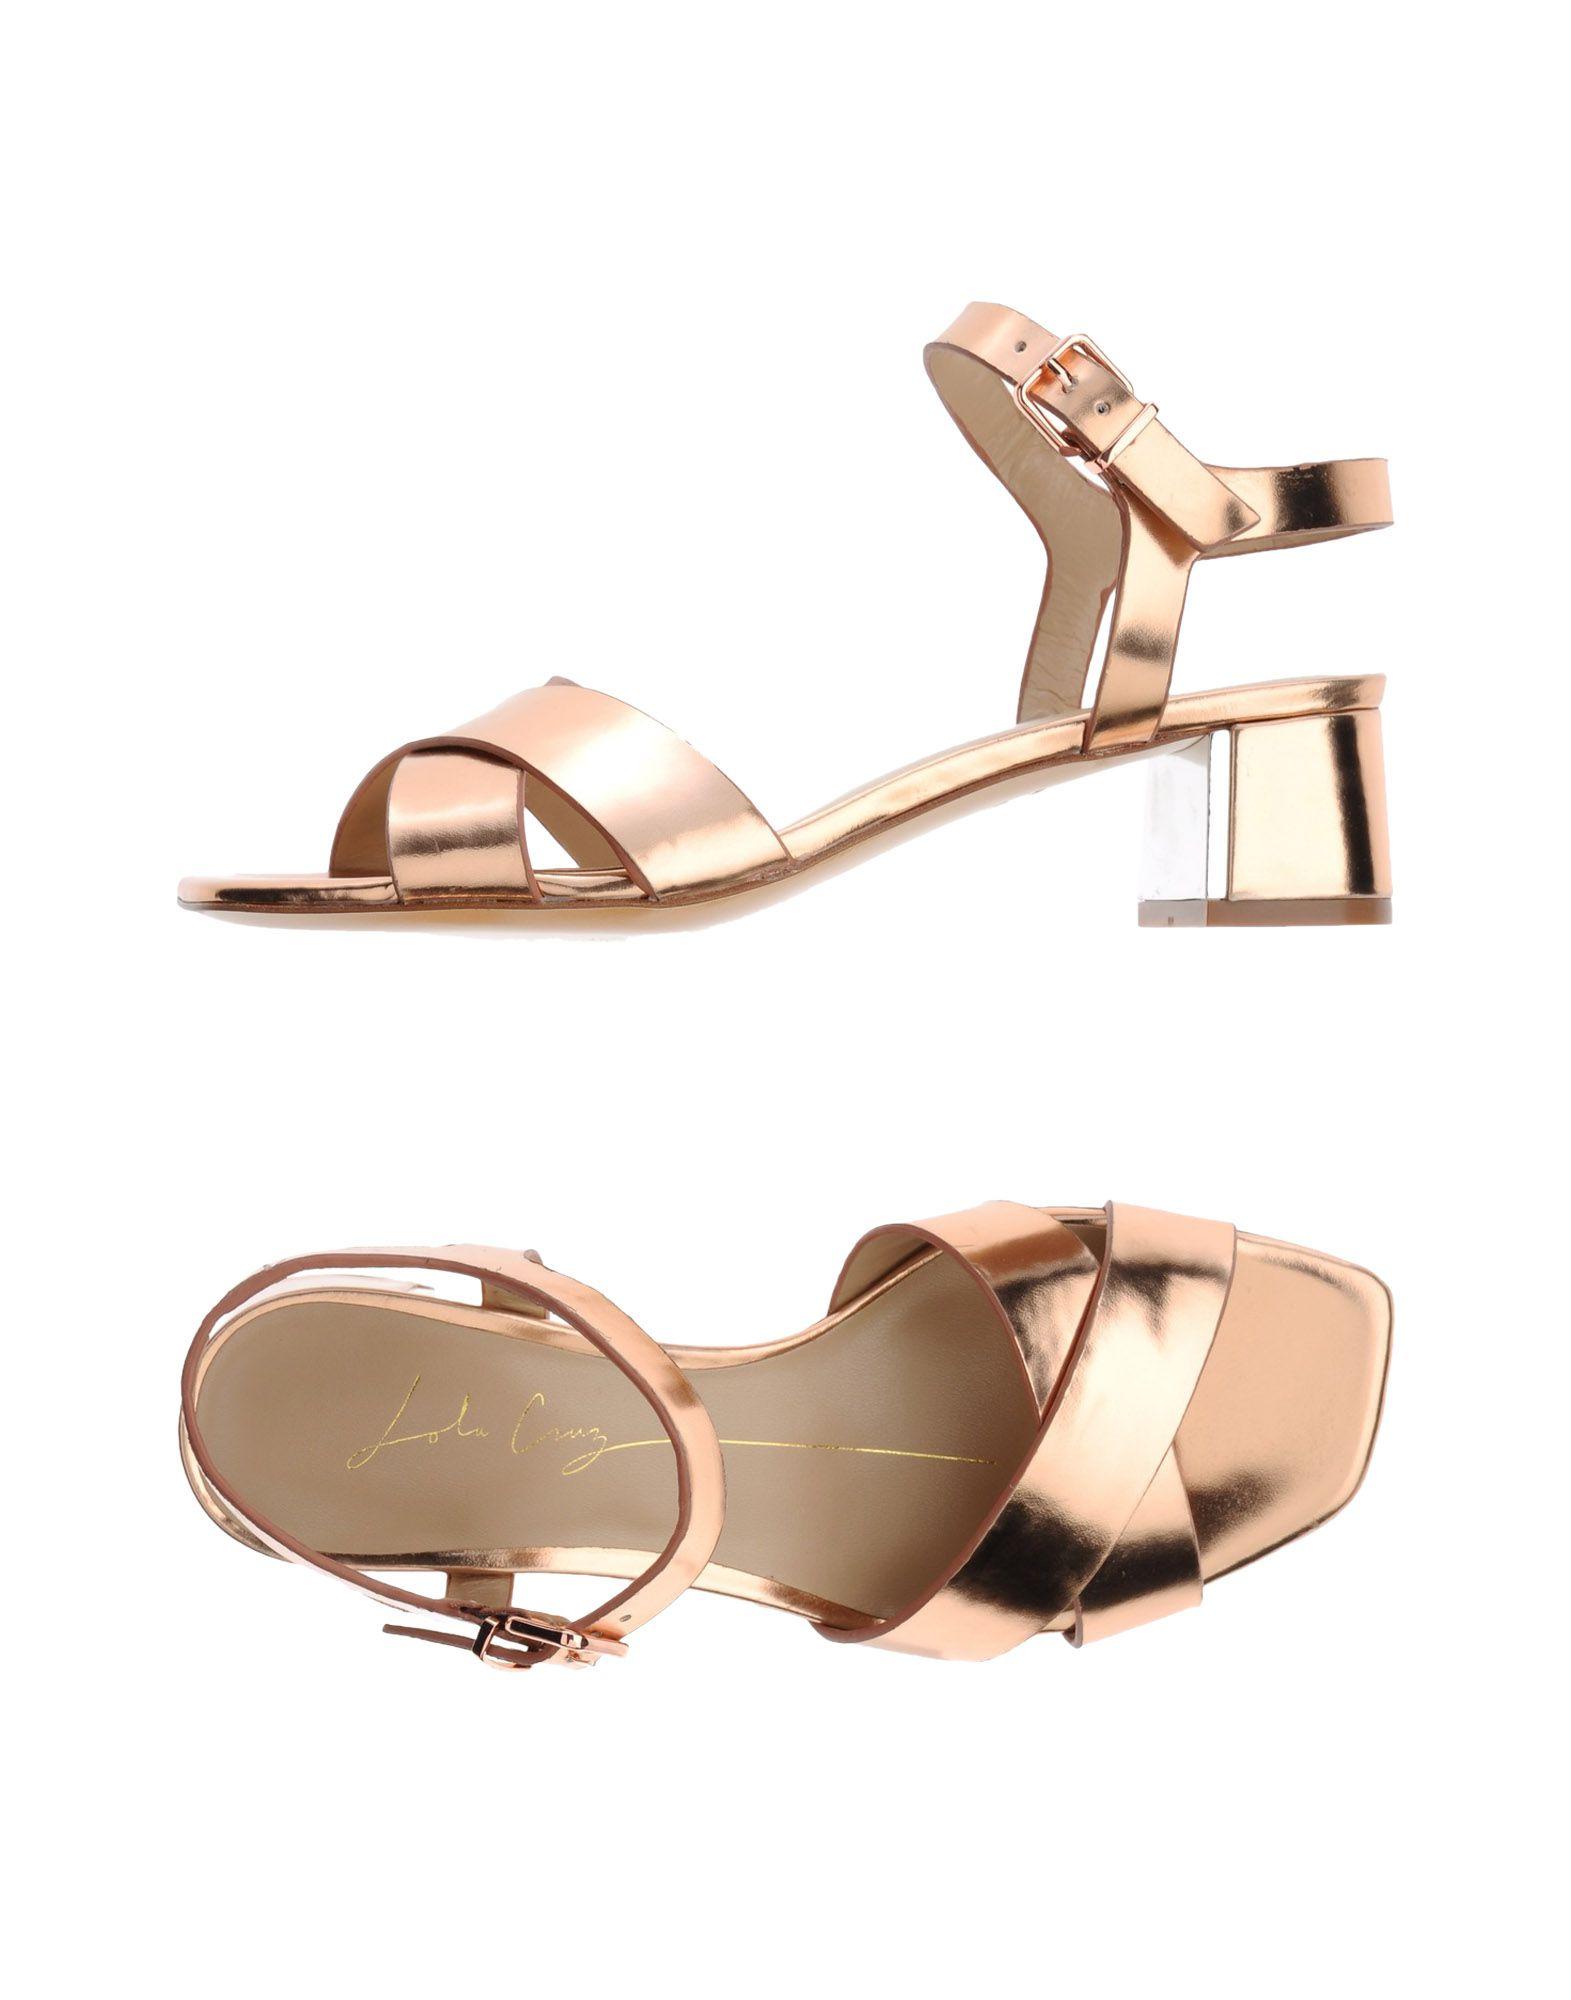 Lola Cruz Sandalen Damen  11345629WV Gute Qualität beliebte Schuhe